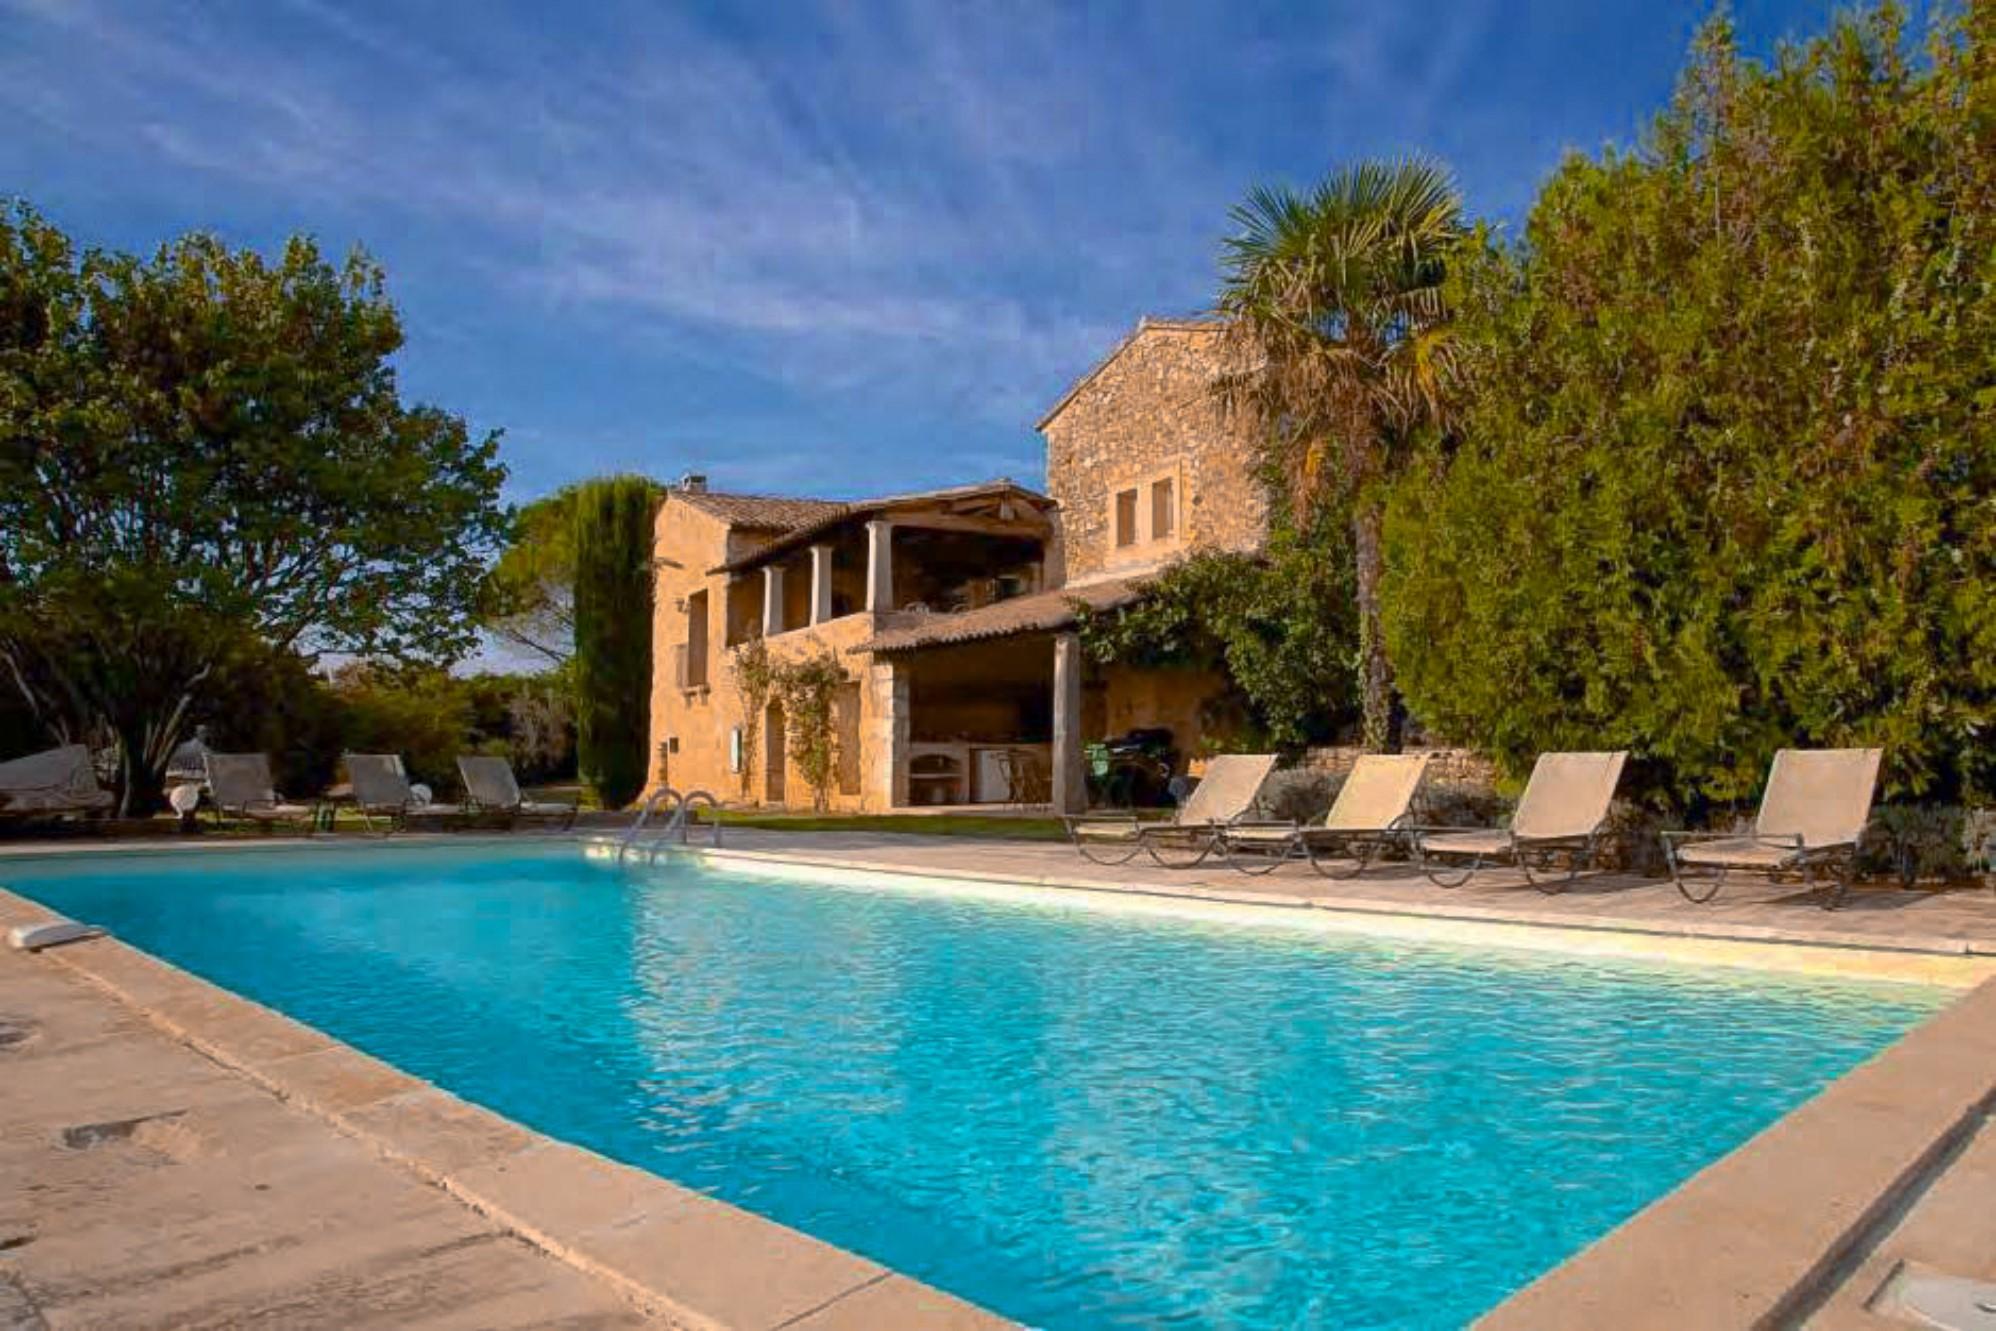 Maison avec piscine à vendre au cœur du Luberon